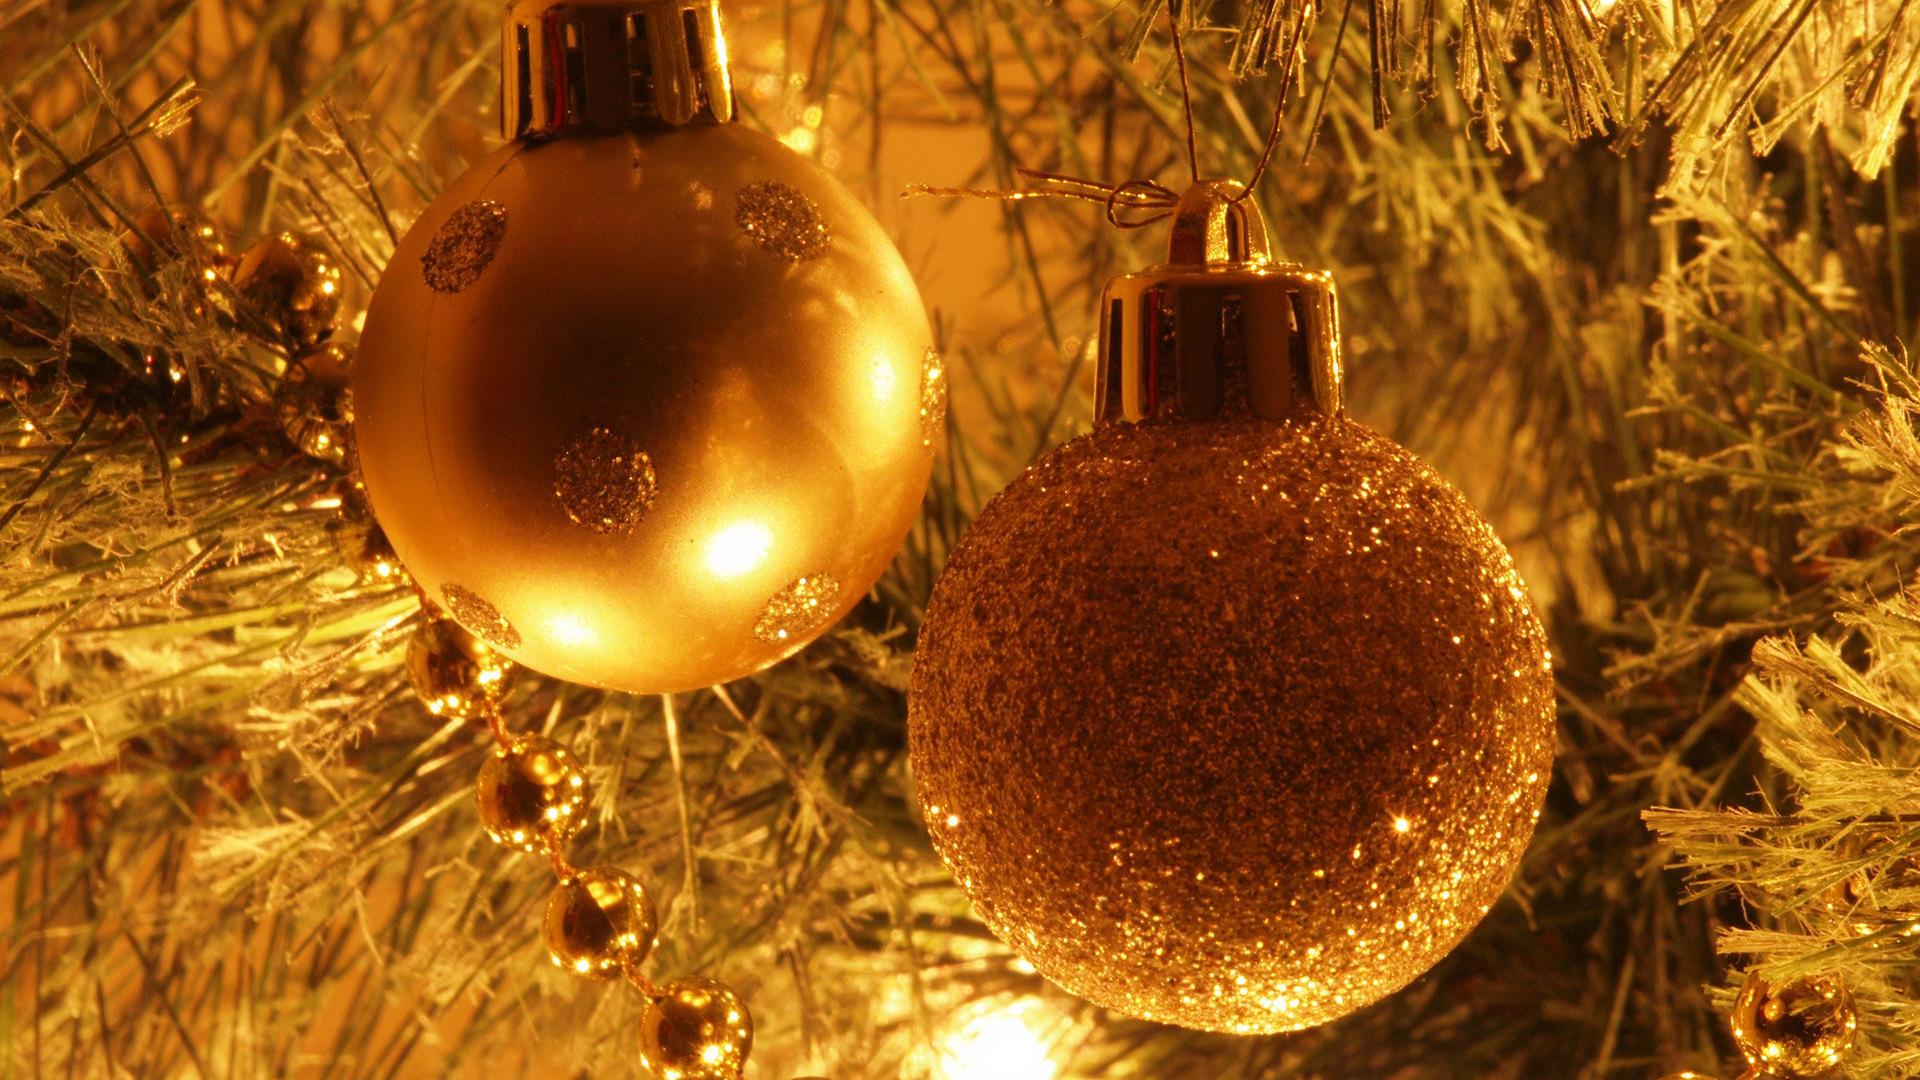 Idee Regalo Natale Viaggi.Idee Regalo Per Natale Metti Un Viaggio Sotto L Albero